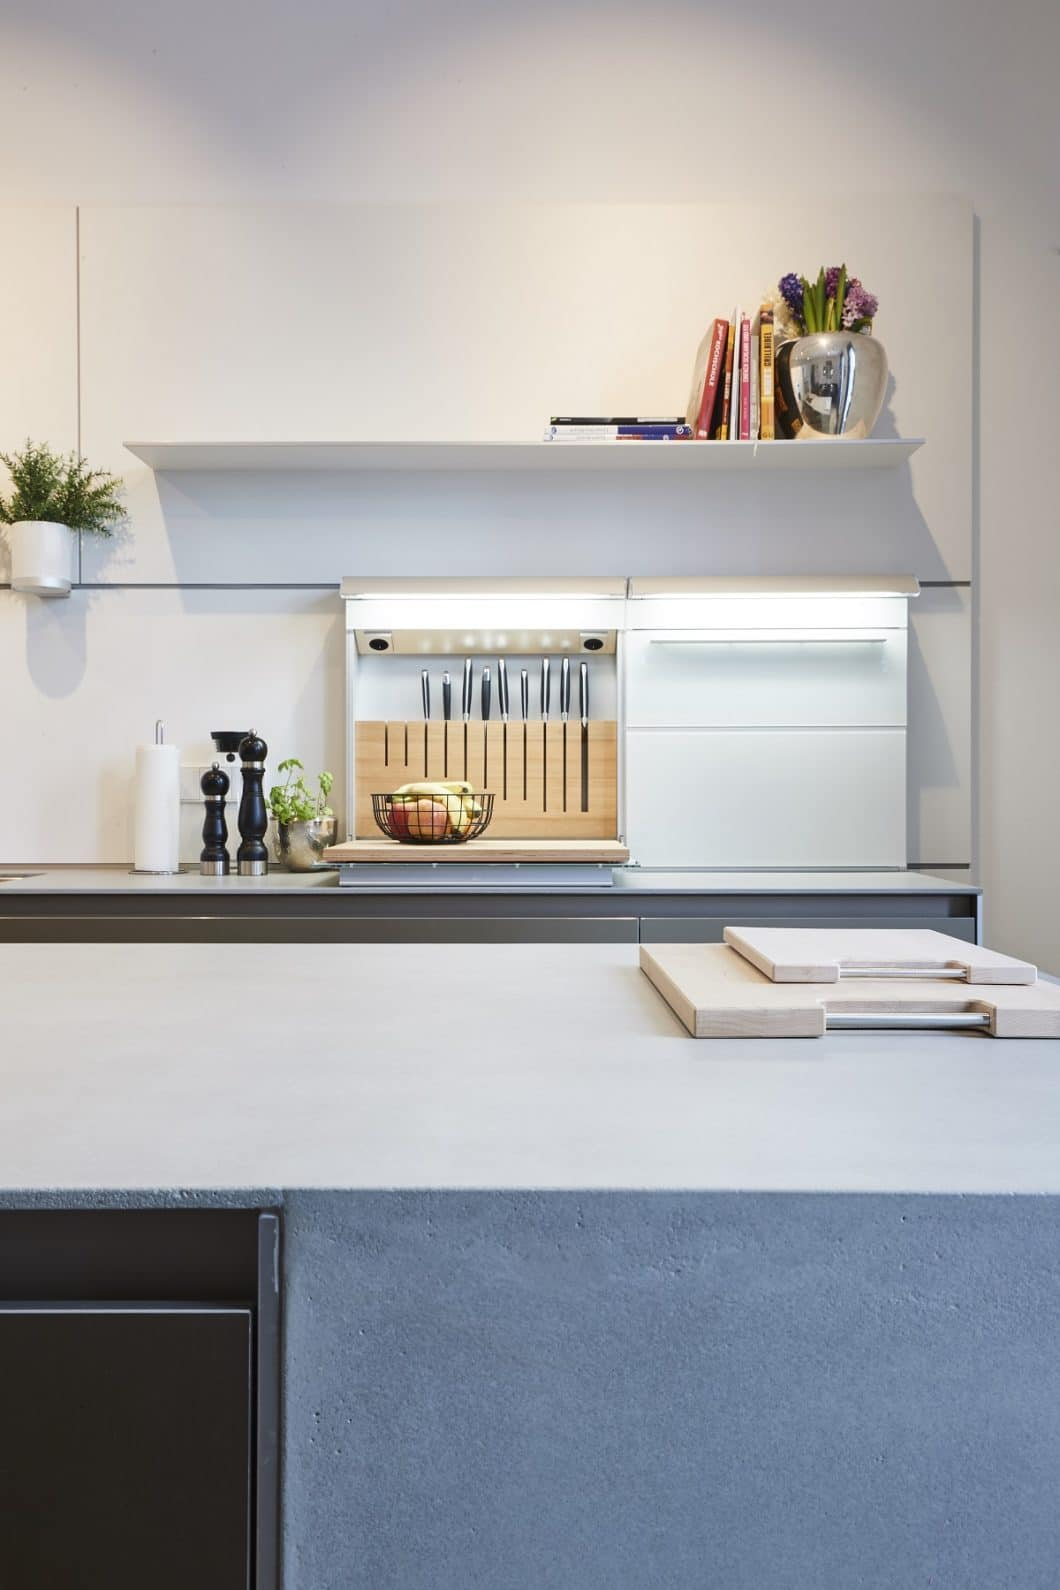 Messerblöcke, ein Schneidbrett, Ölflaschen sowie Gewürzdosen lassen sich übersichtlich verstauen - und nach Gebrauch verstecken. (Foto: Küchen-Atelier Hamburg/ Volker Renner)